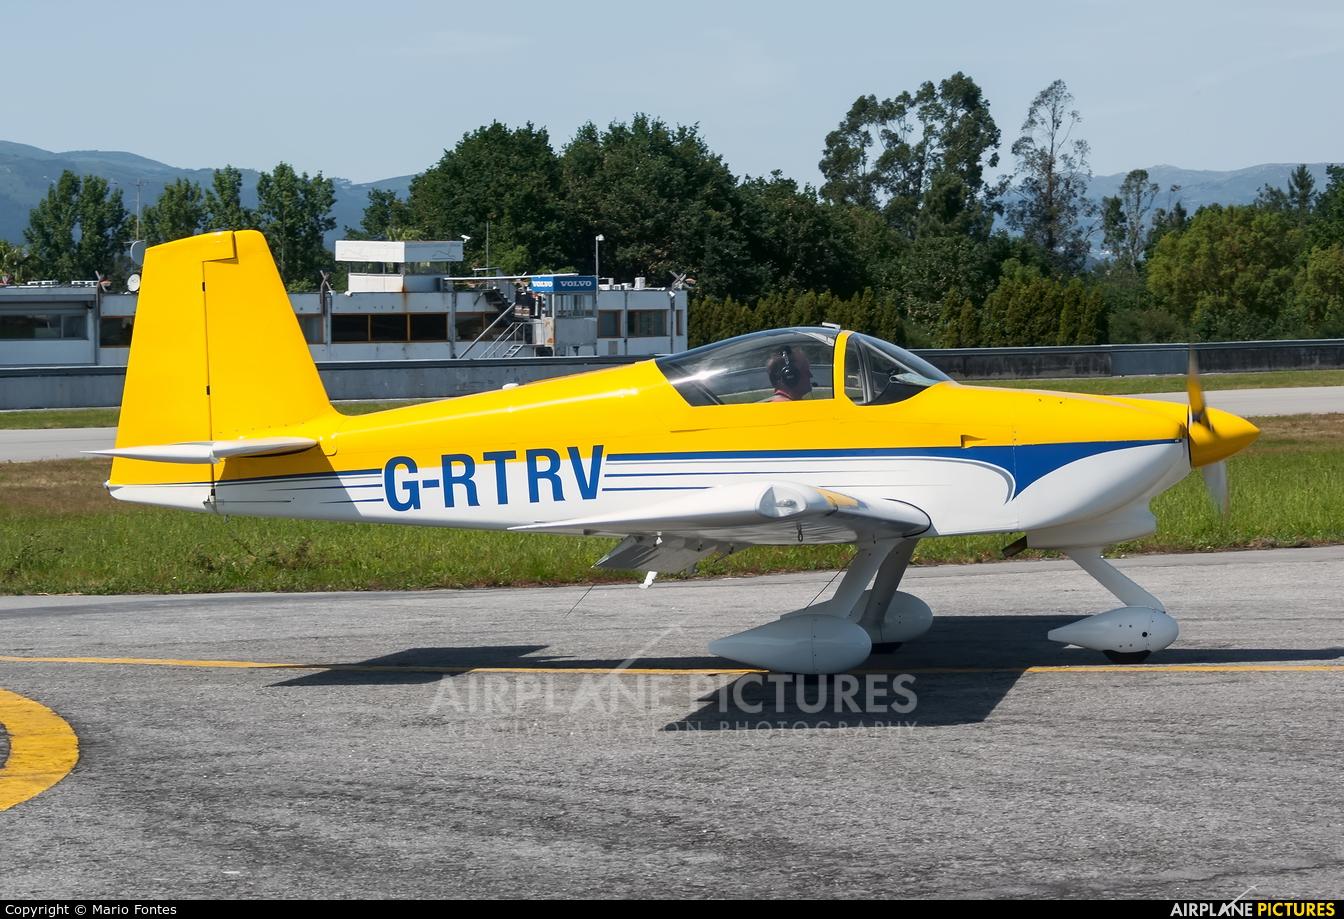 Private G-RTRV aircraft at Braga